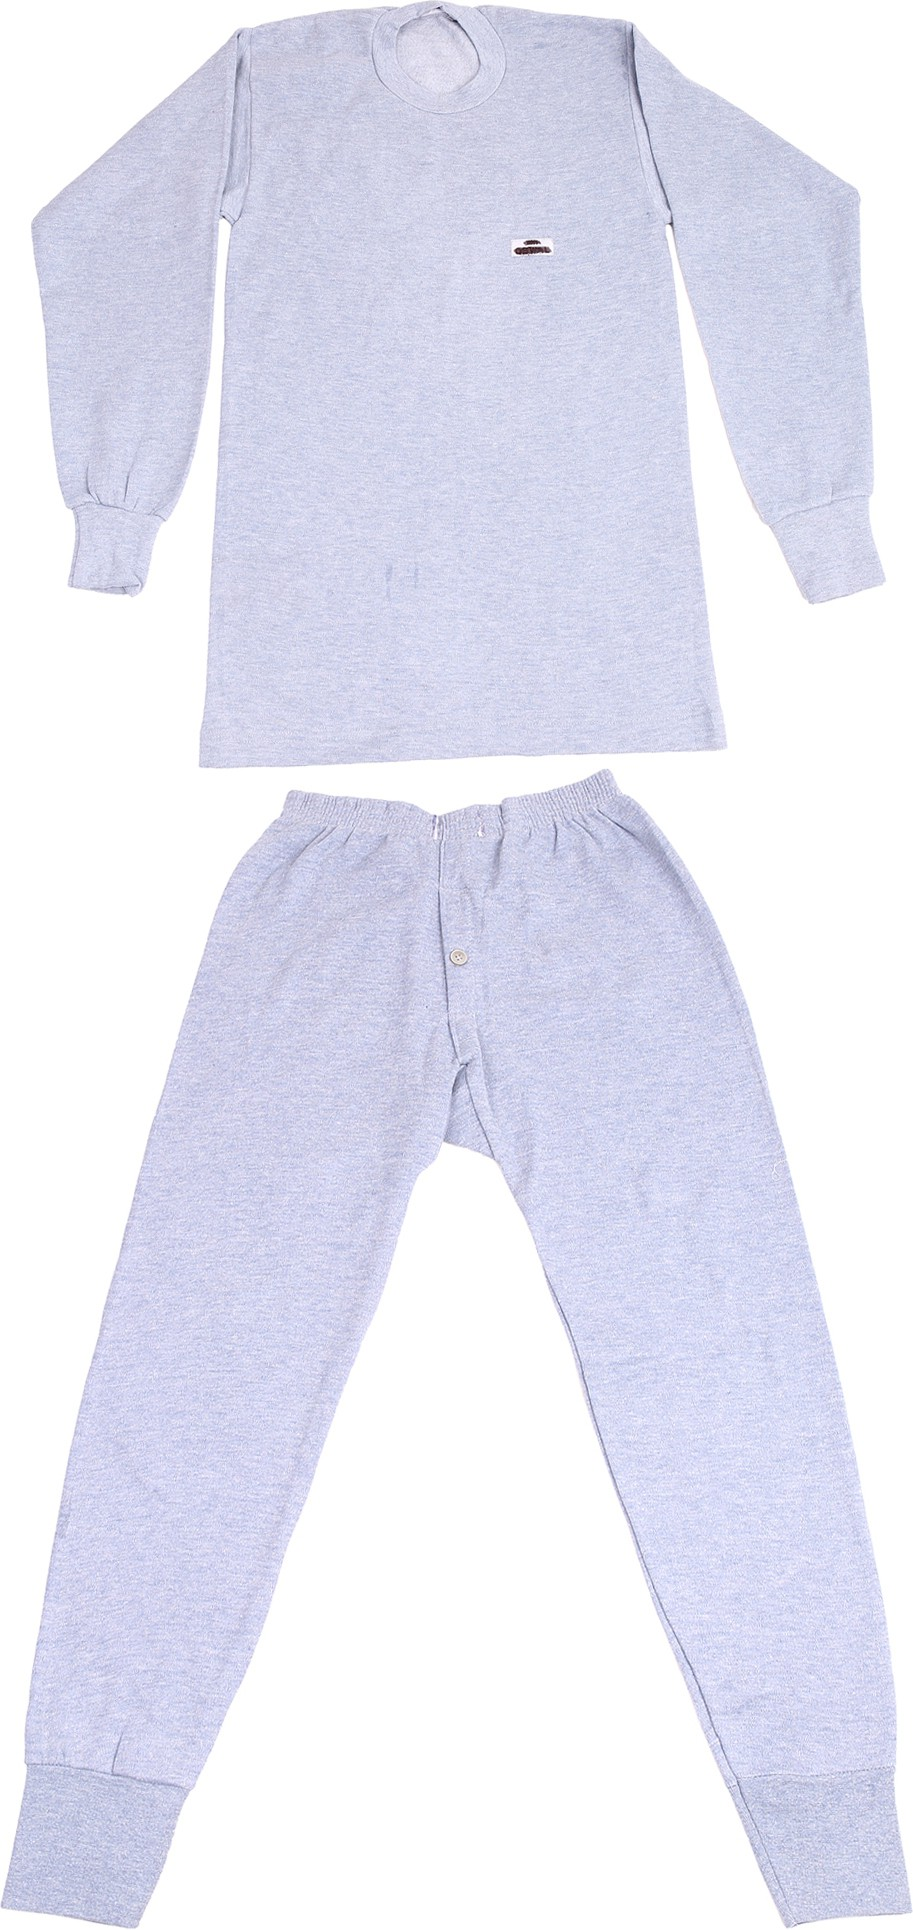 Gumber Full set Mens Top - Pyjama Set